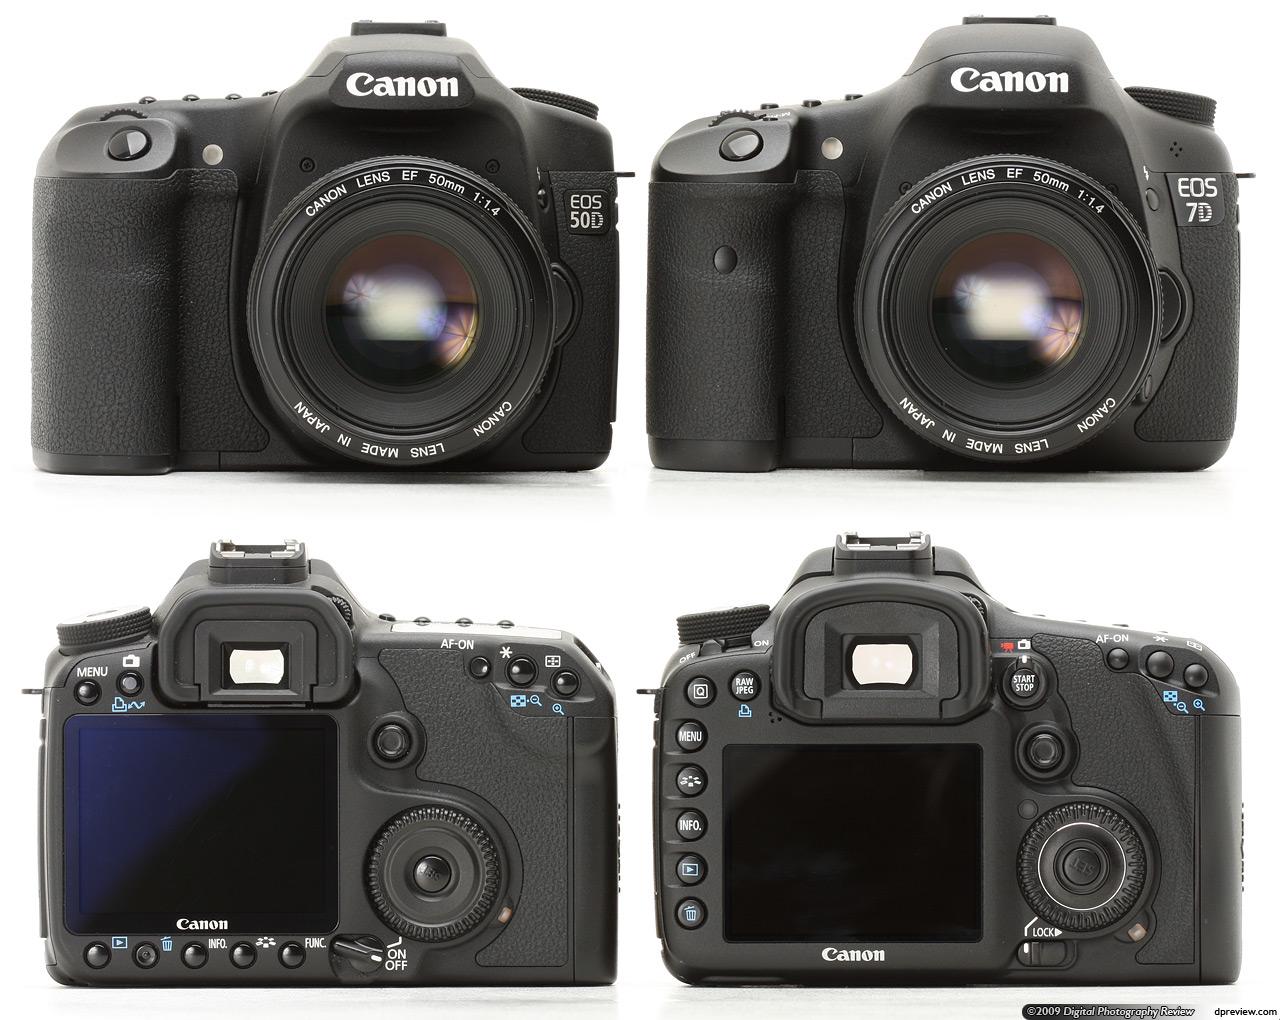 5D et autres appareils photo, avantages et inconvénients